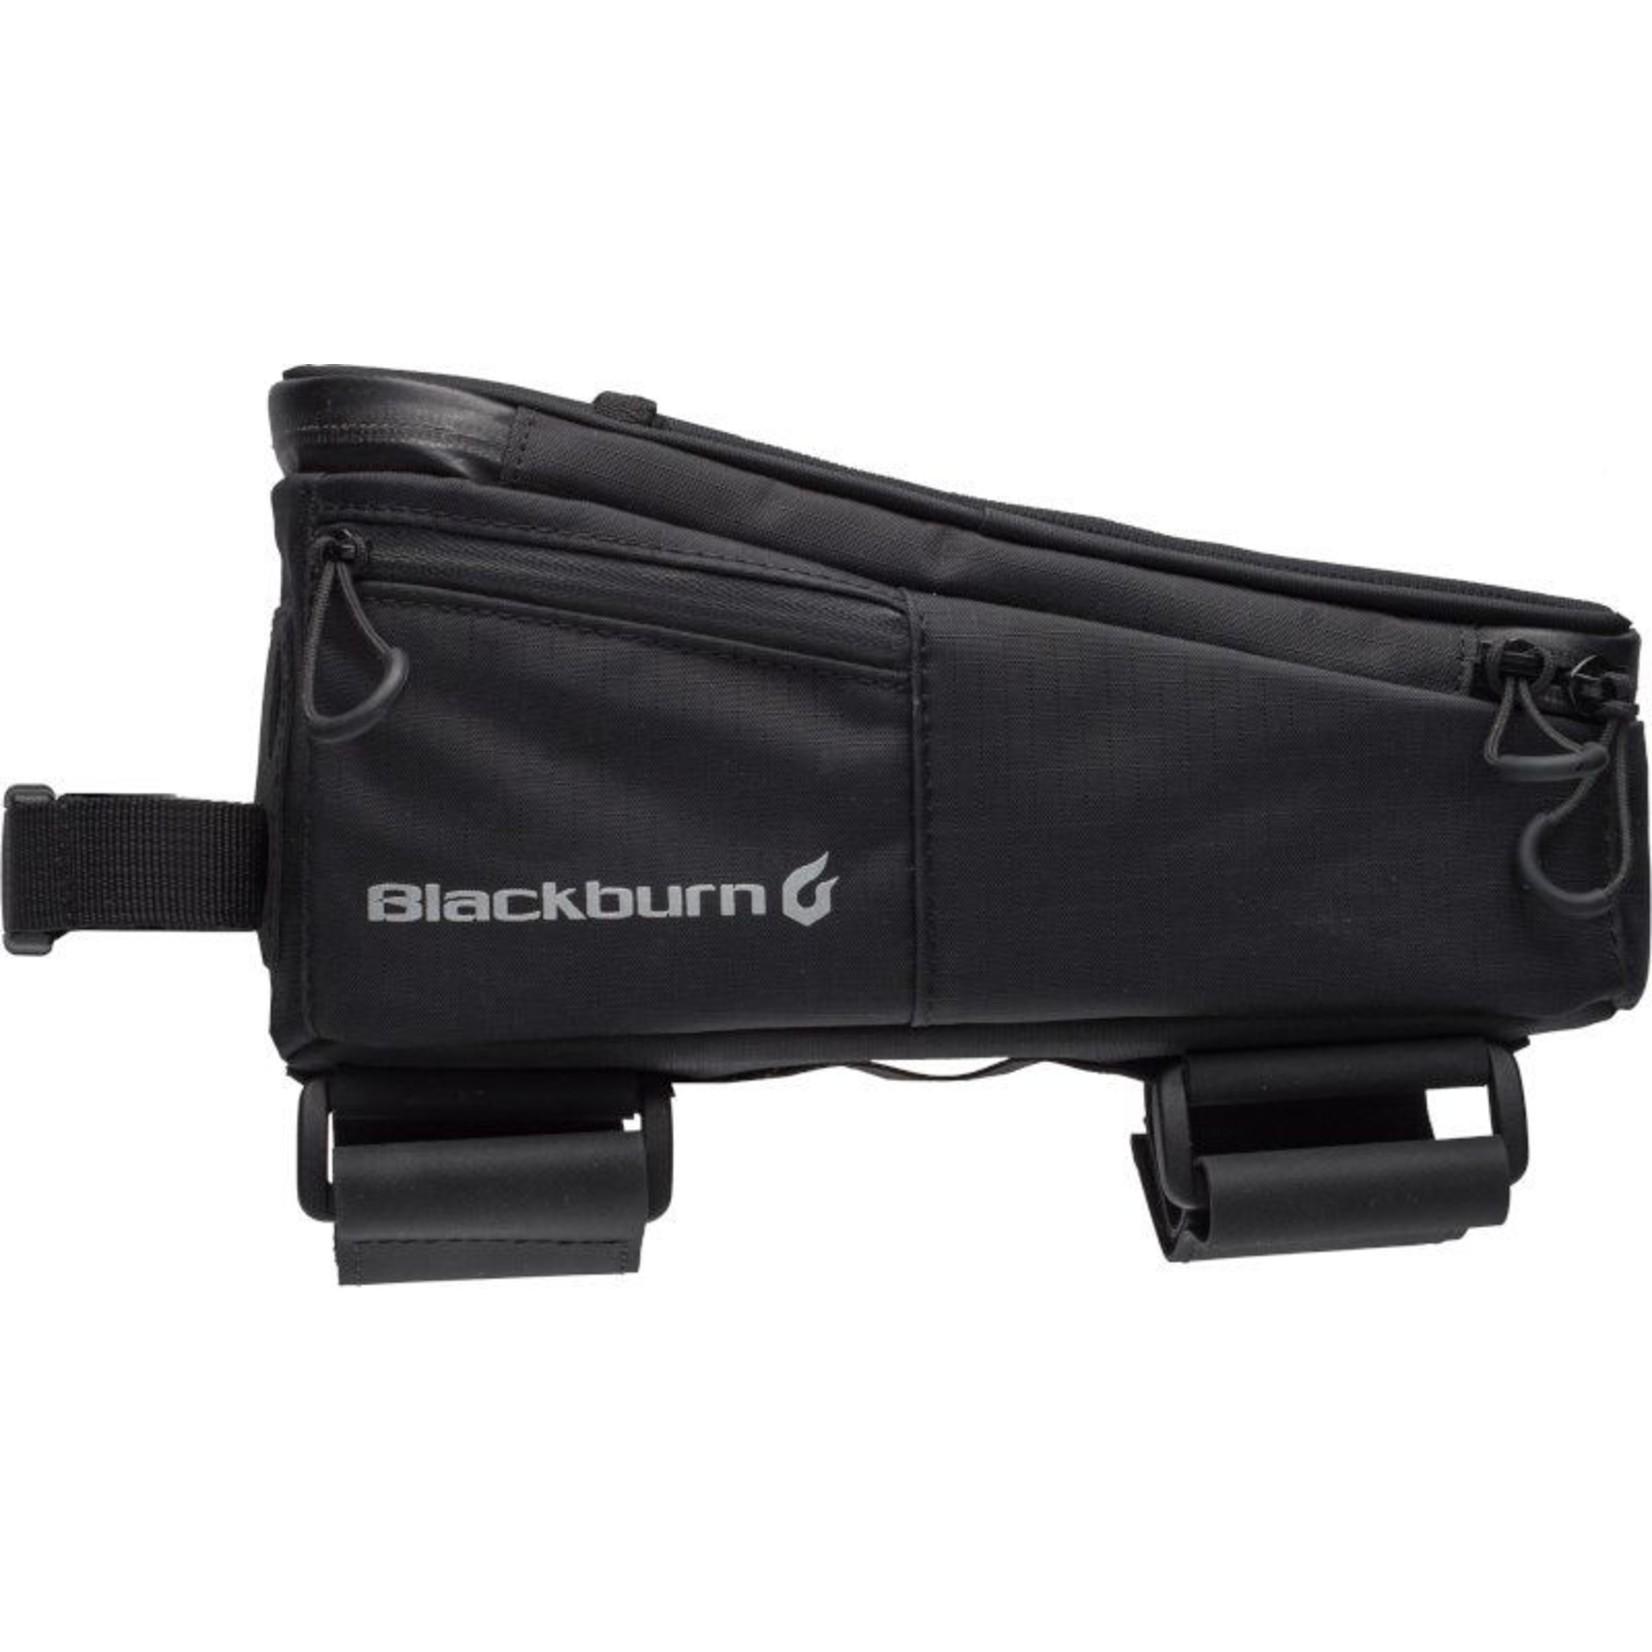 Blackburn Blackburn, Outpost Elite Top Tube Bag